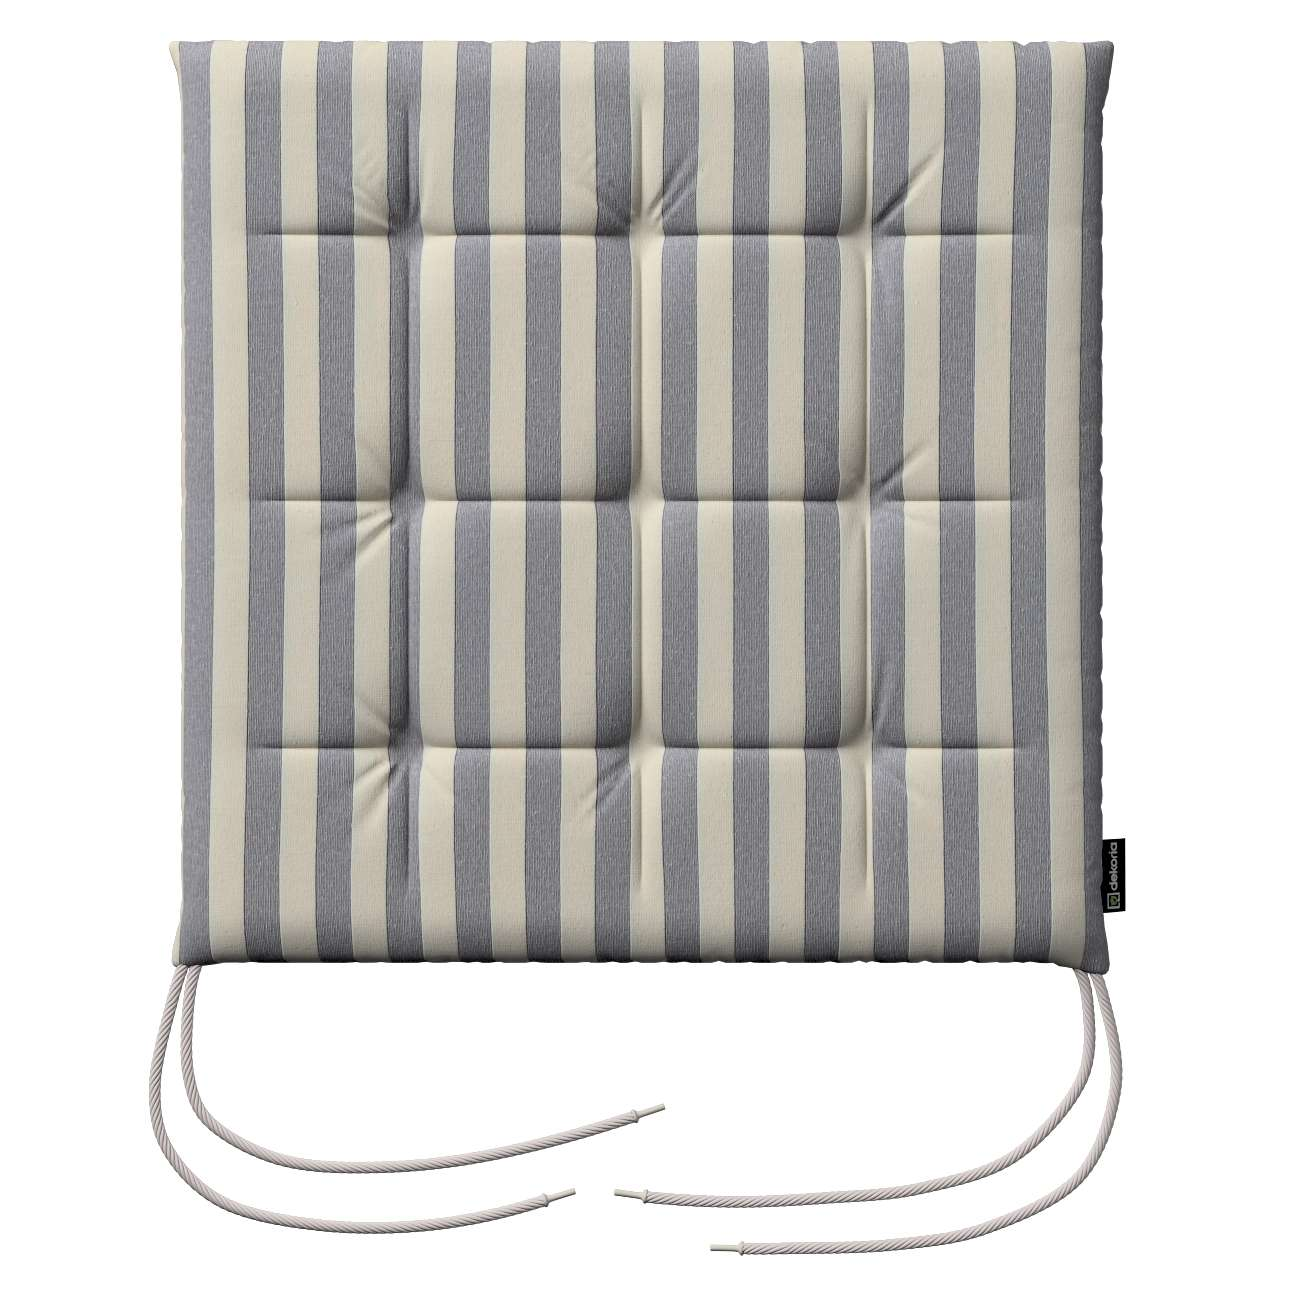 Kėdės pagalvėlė Karol  40 x 40 x 3,5 cm kolekcijoje Quadro, audinys: 136-02